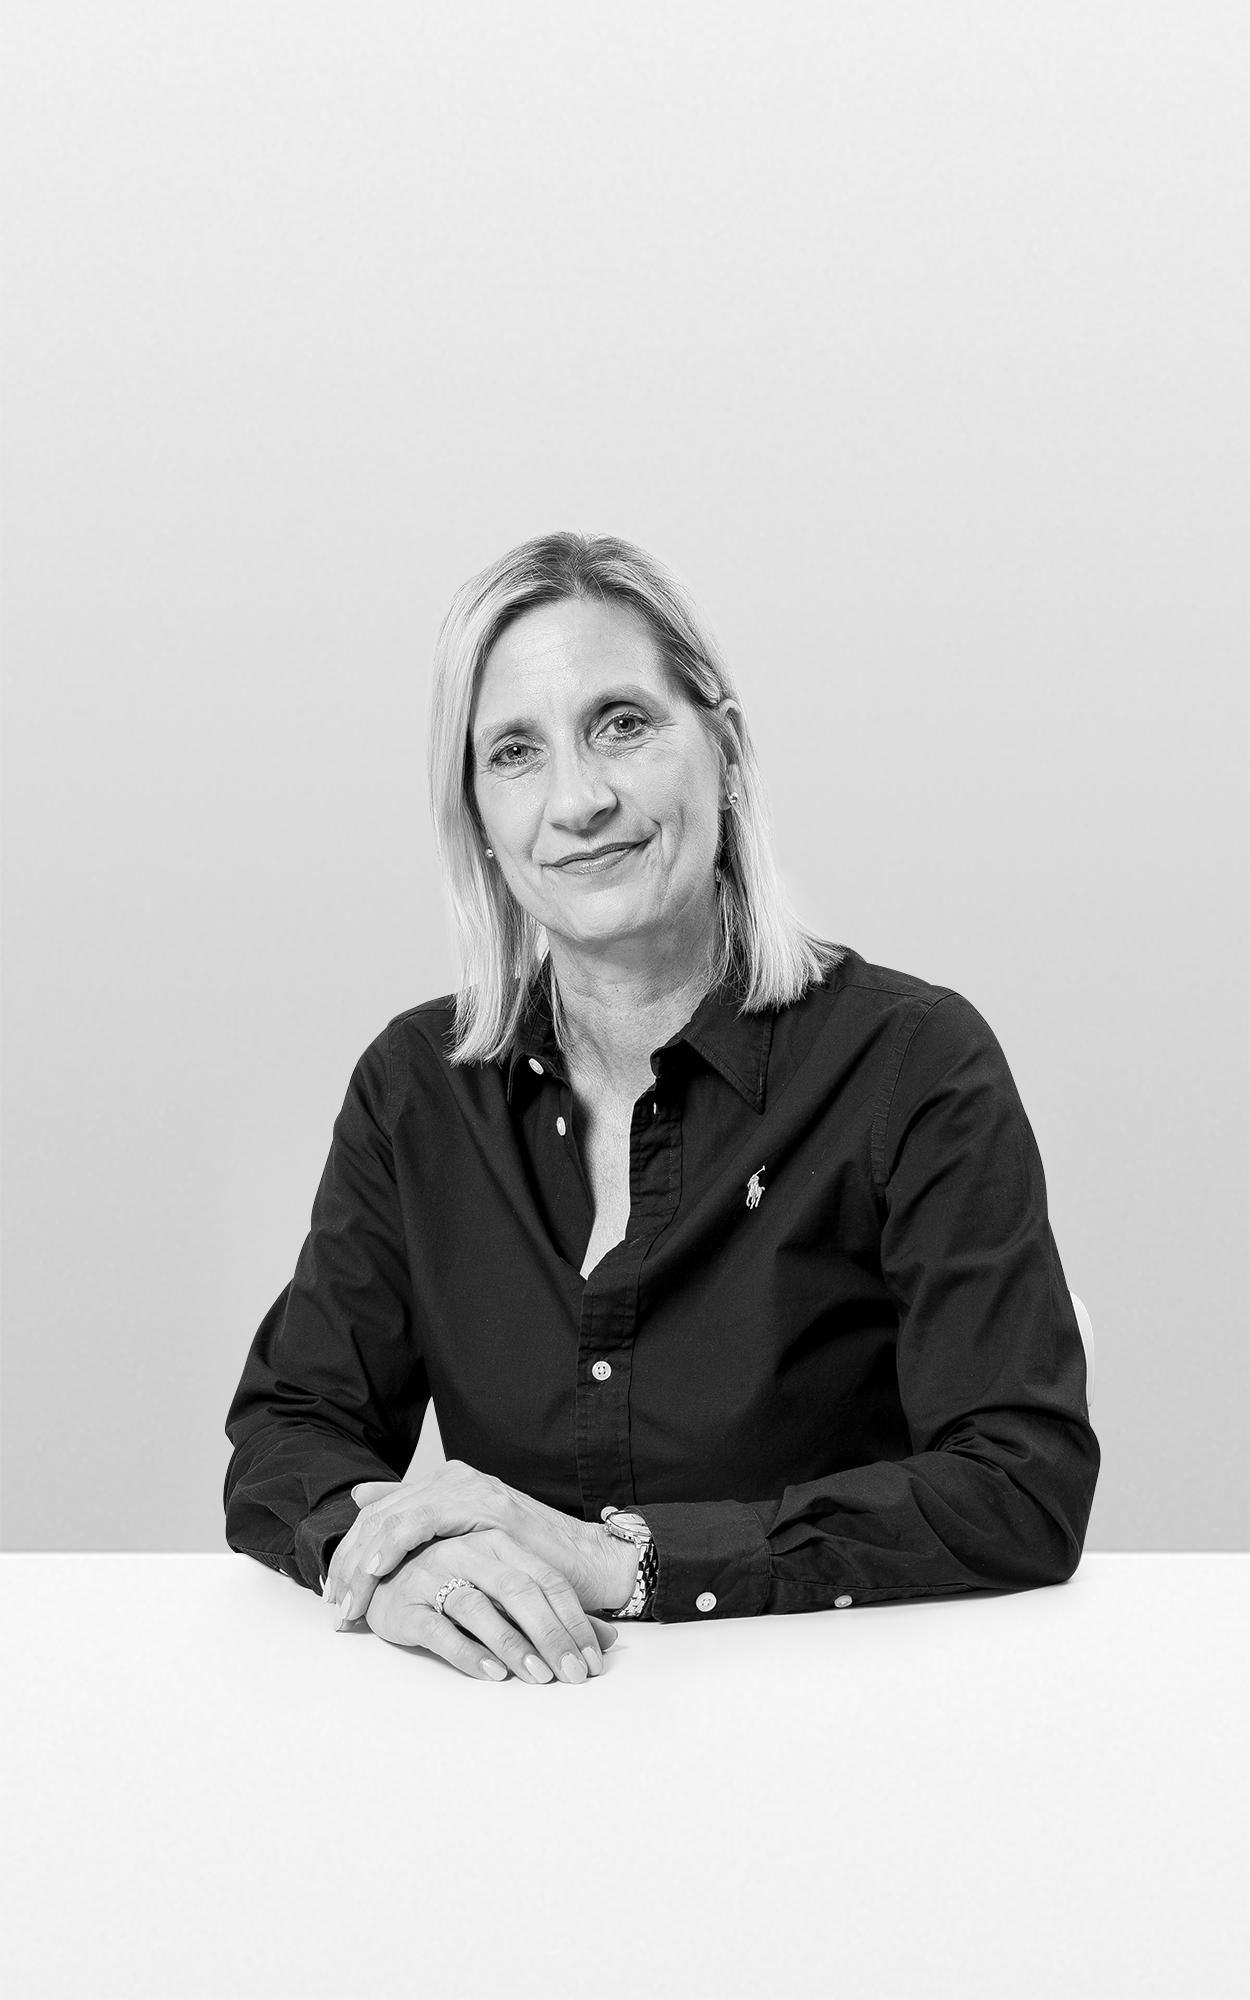 Karin Evans